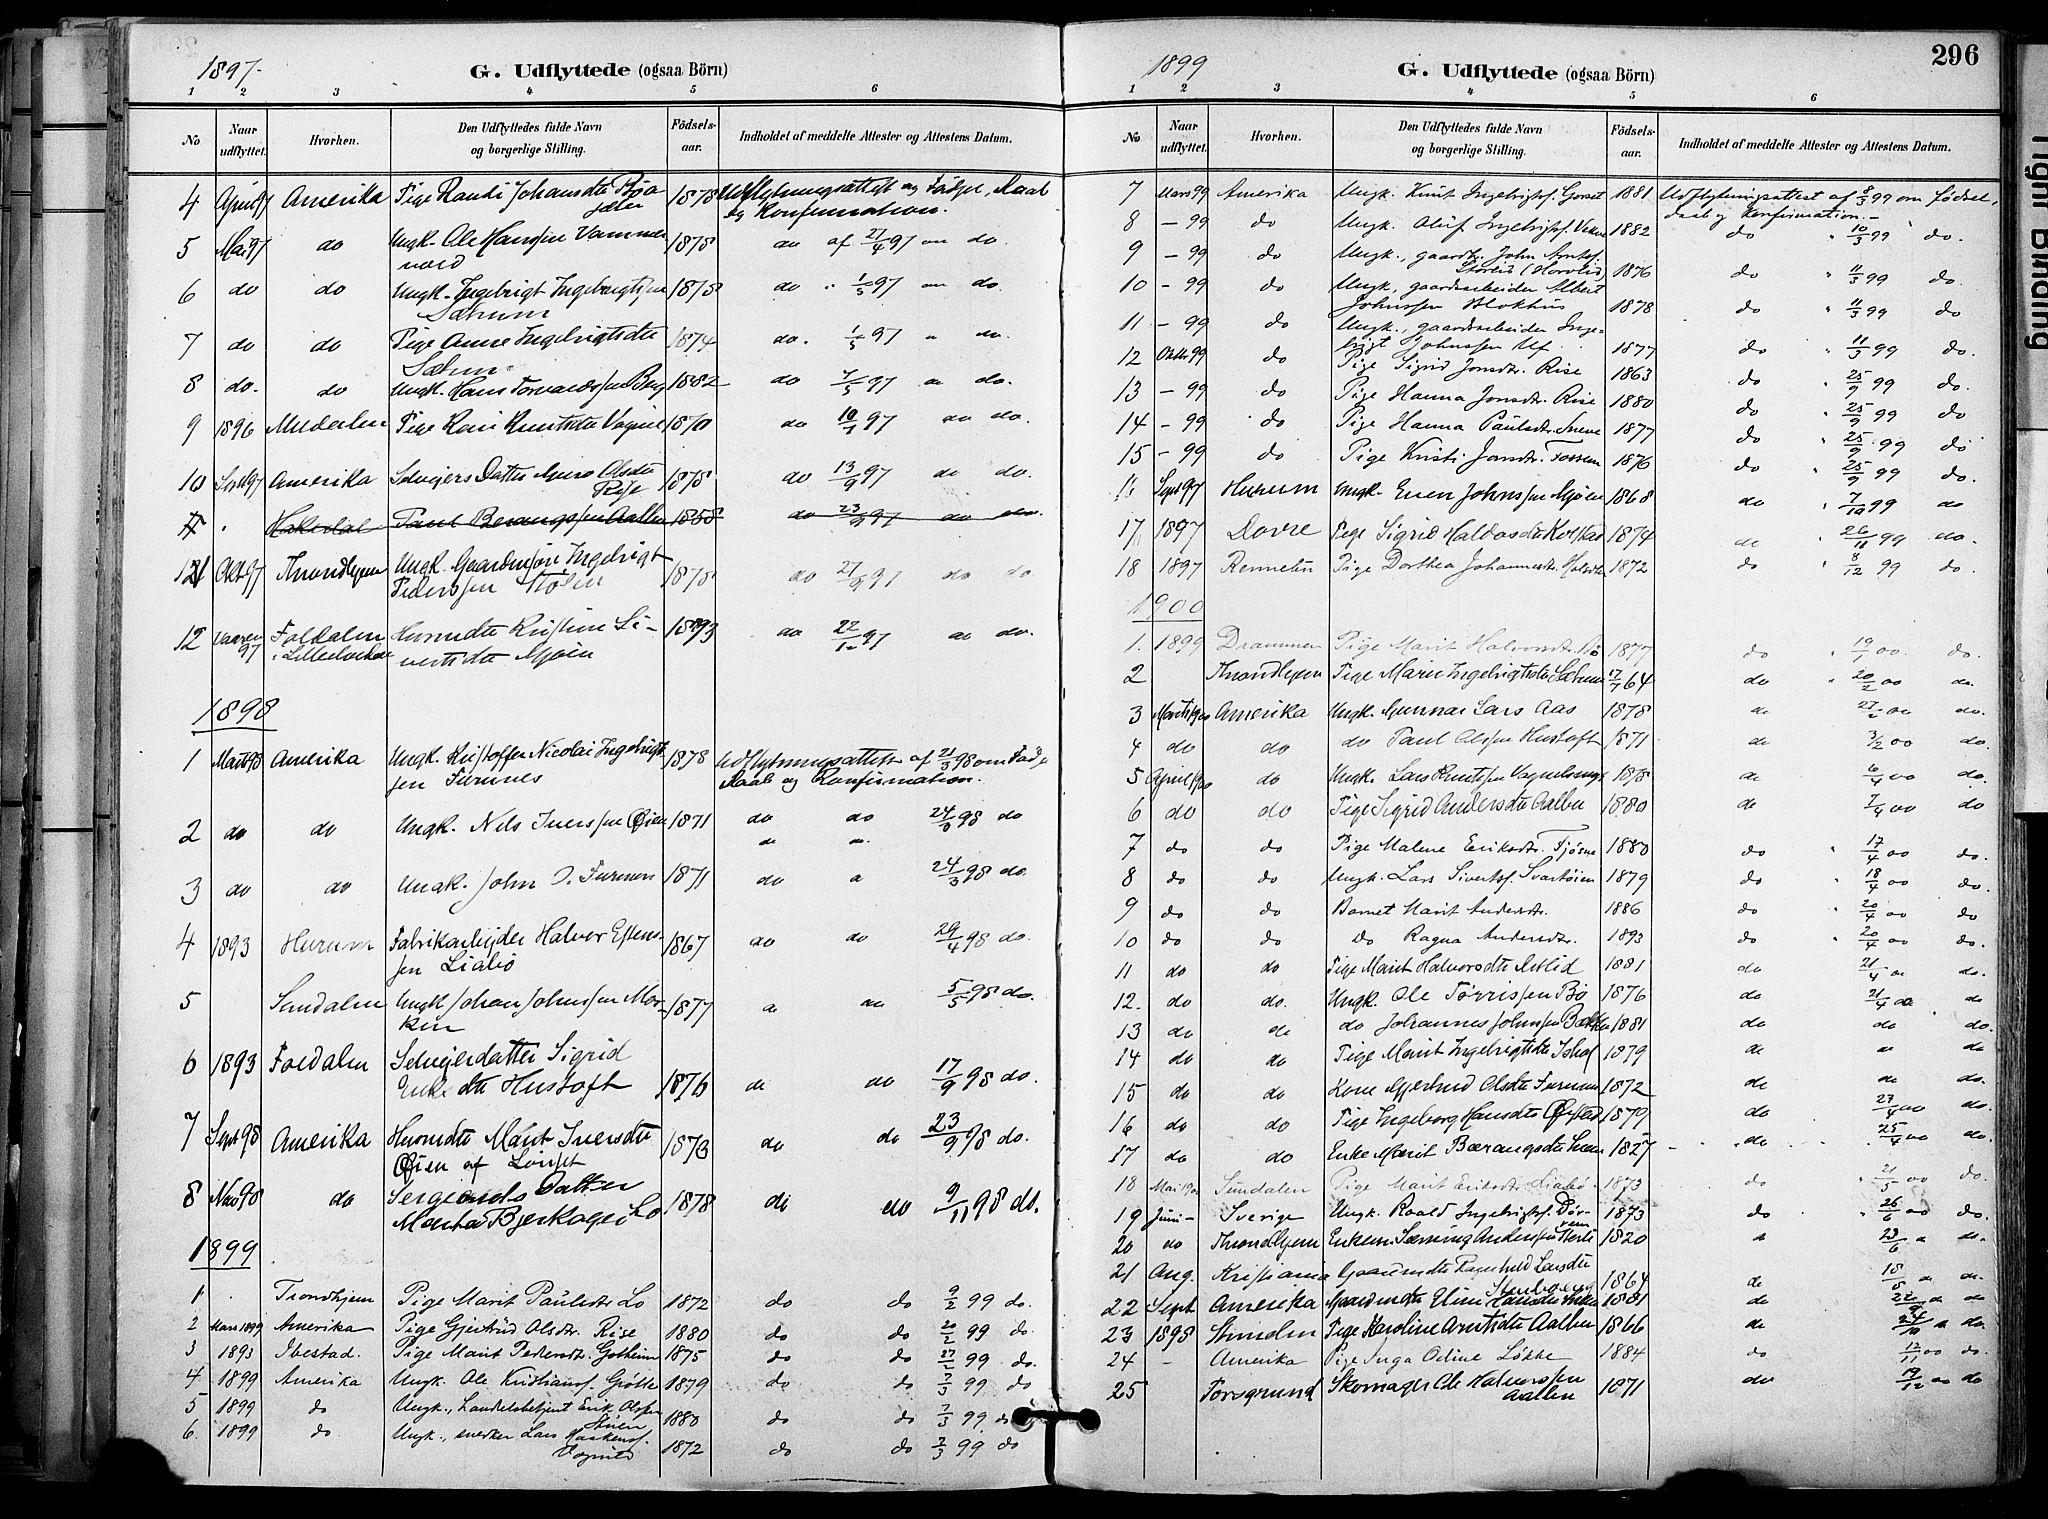 SAT, Ministerialprotokoller, klokkerbøker og fødselsregistre - Sør-Trøndelag, 678/L0902: Ministerialbok nr. 678A11, 1895-1911, s. 296